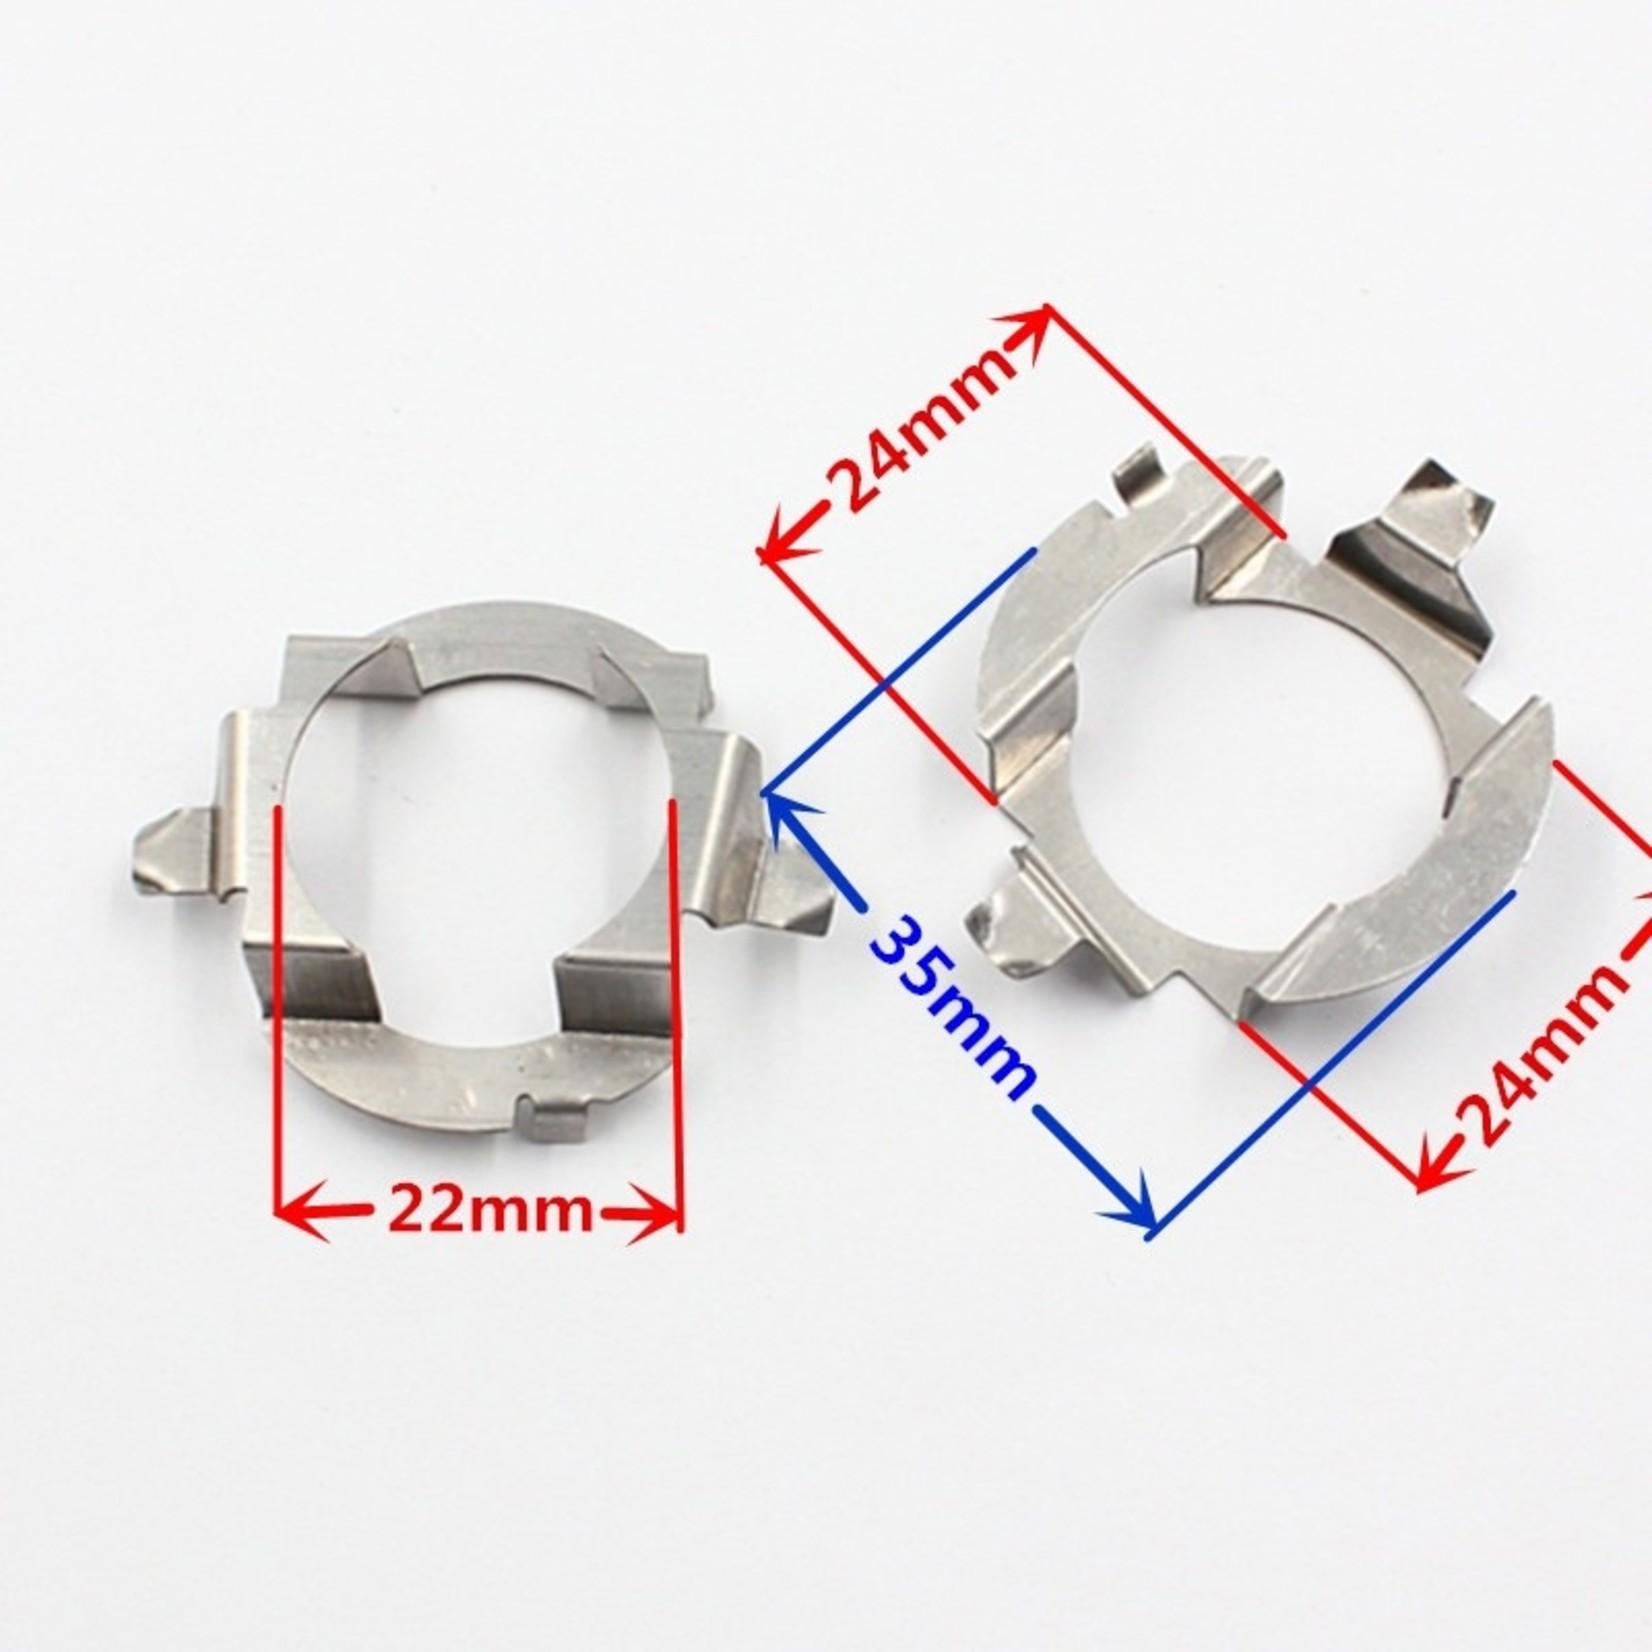 XEOD Adapter H7 LED lamp M002 Skoda